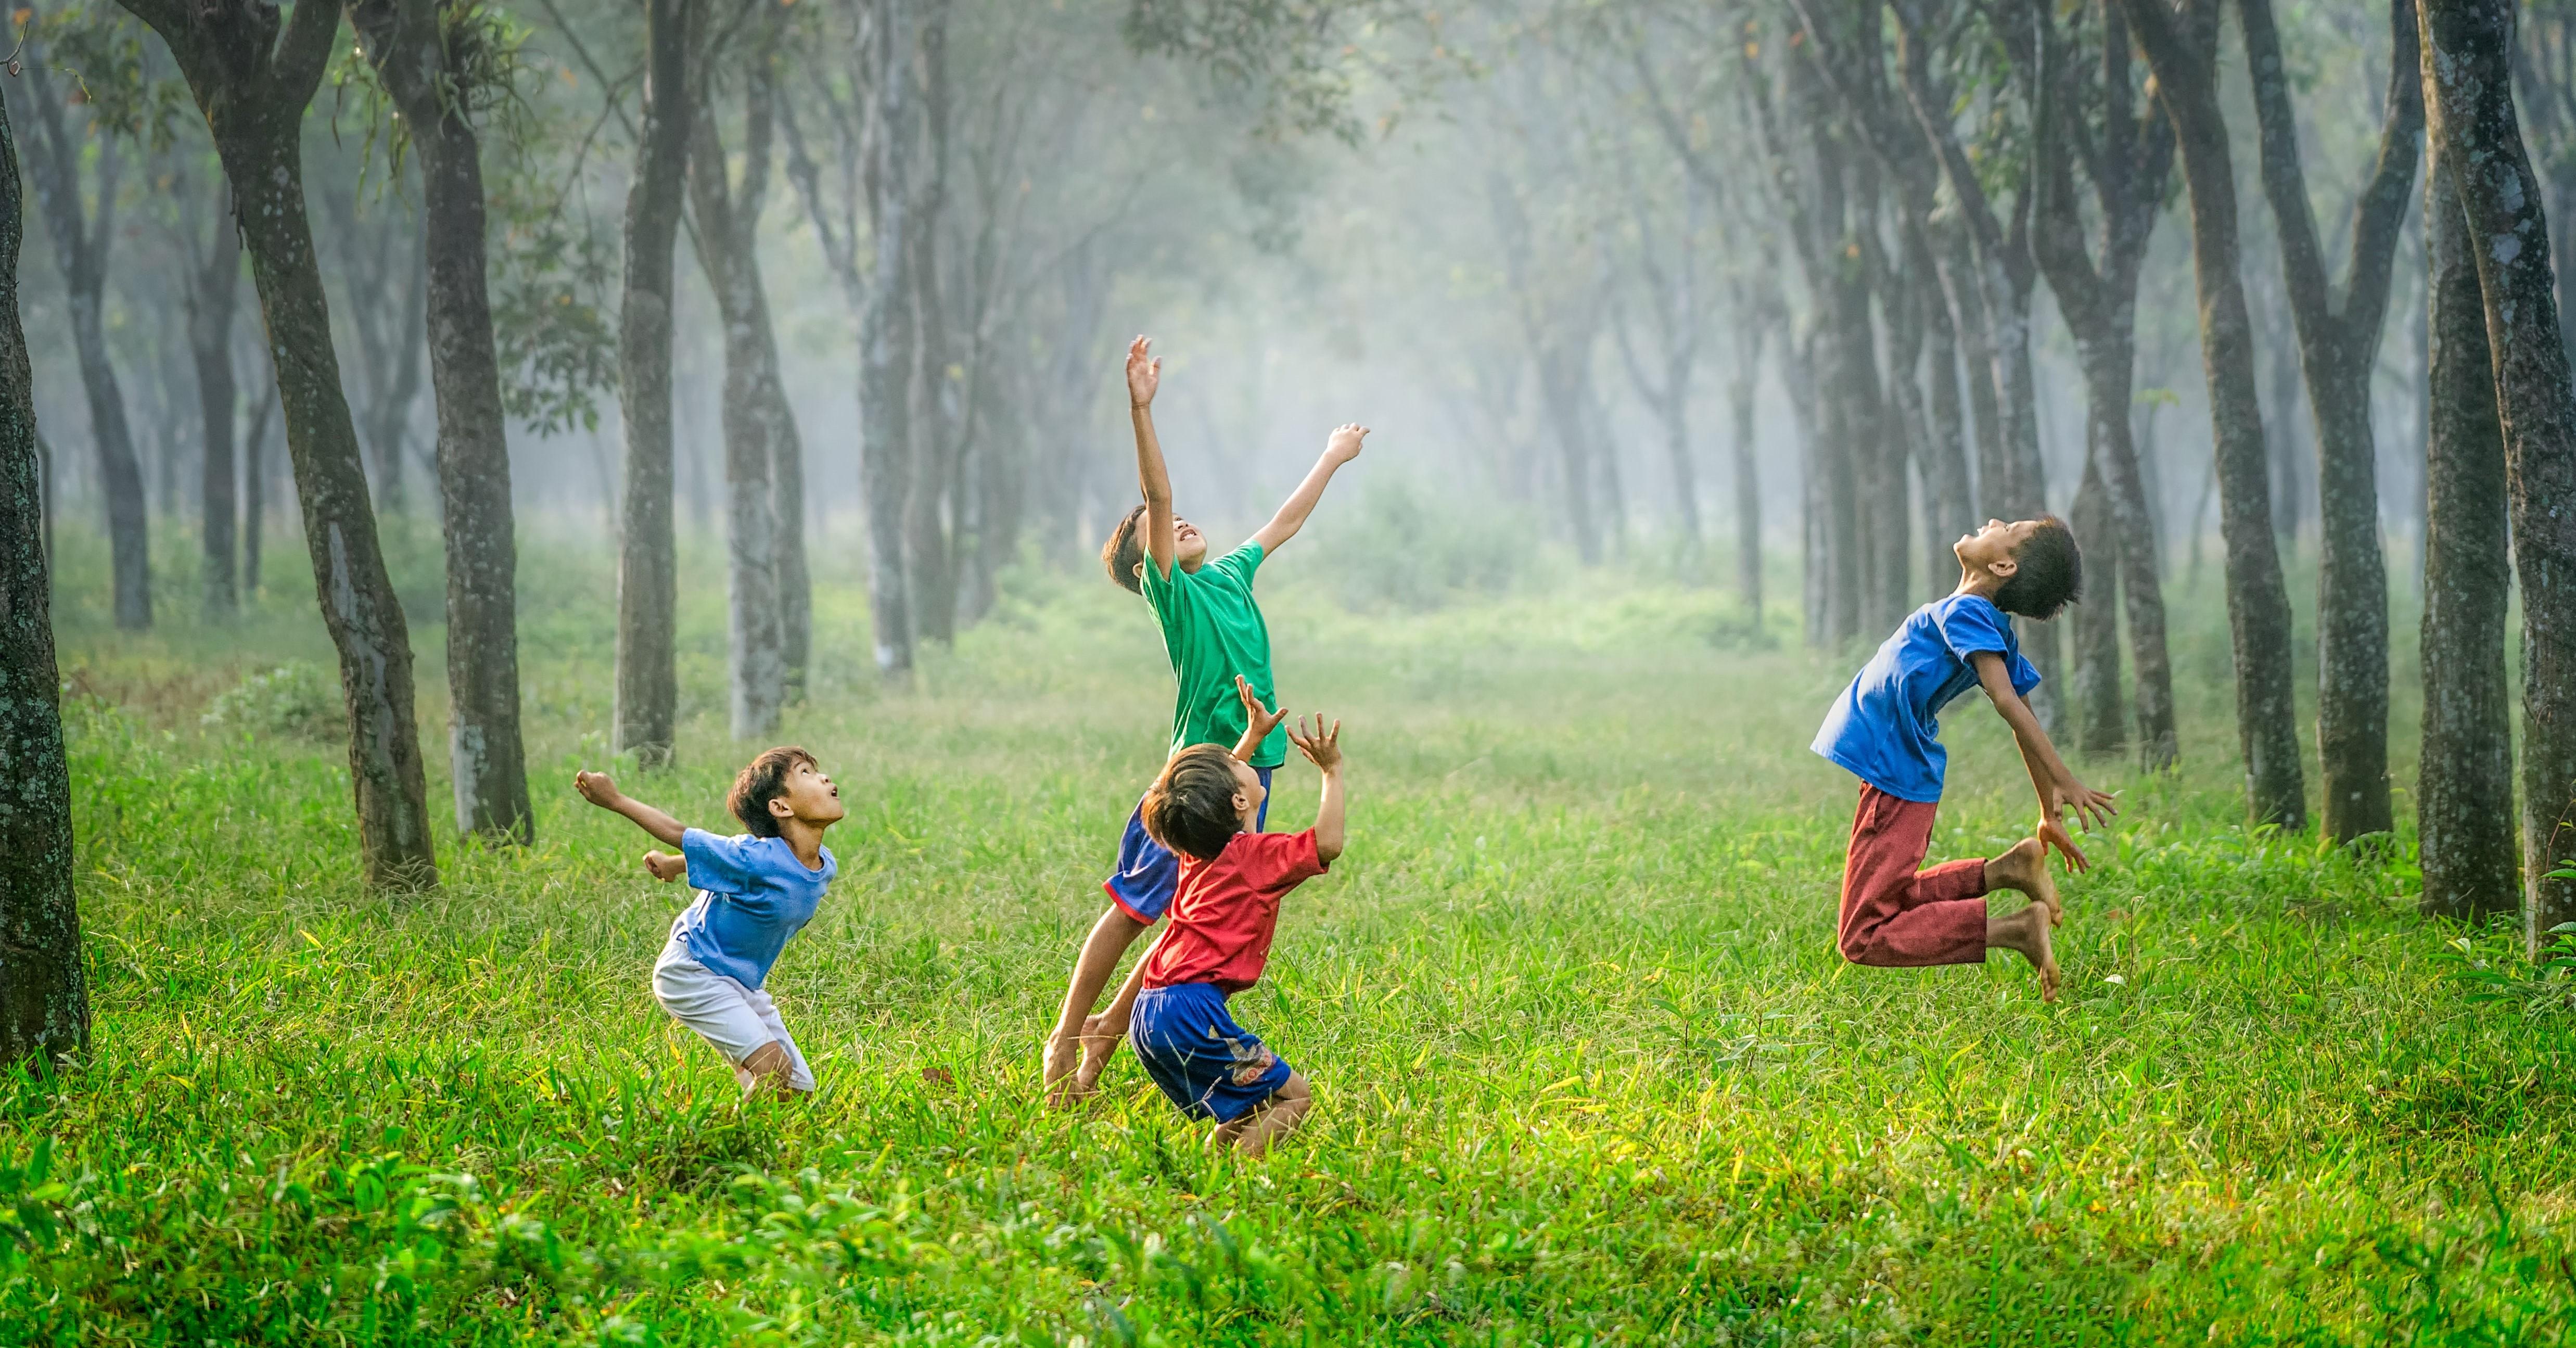 lasten-ja-nuorten-liik-paakuva.jpg